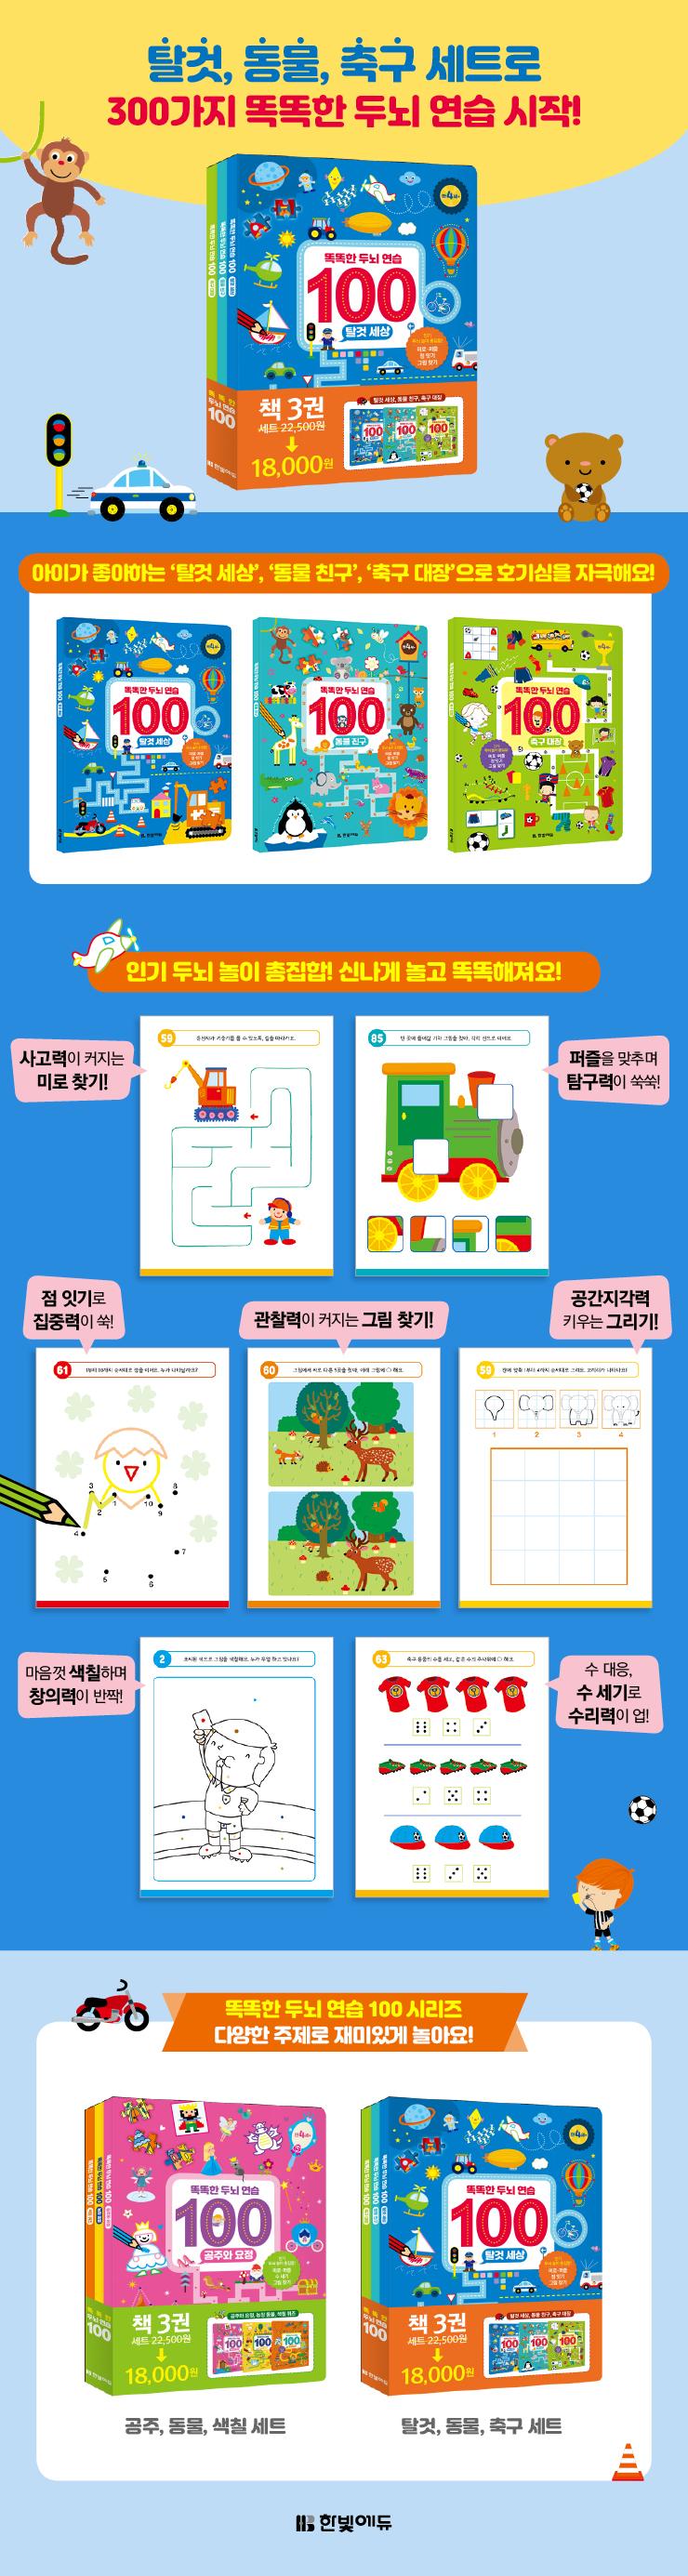 한빛에듀-두뇌100_상세페이지-탈것,동물,축구세트(740).jpg